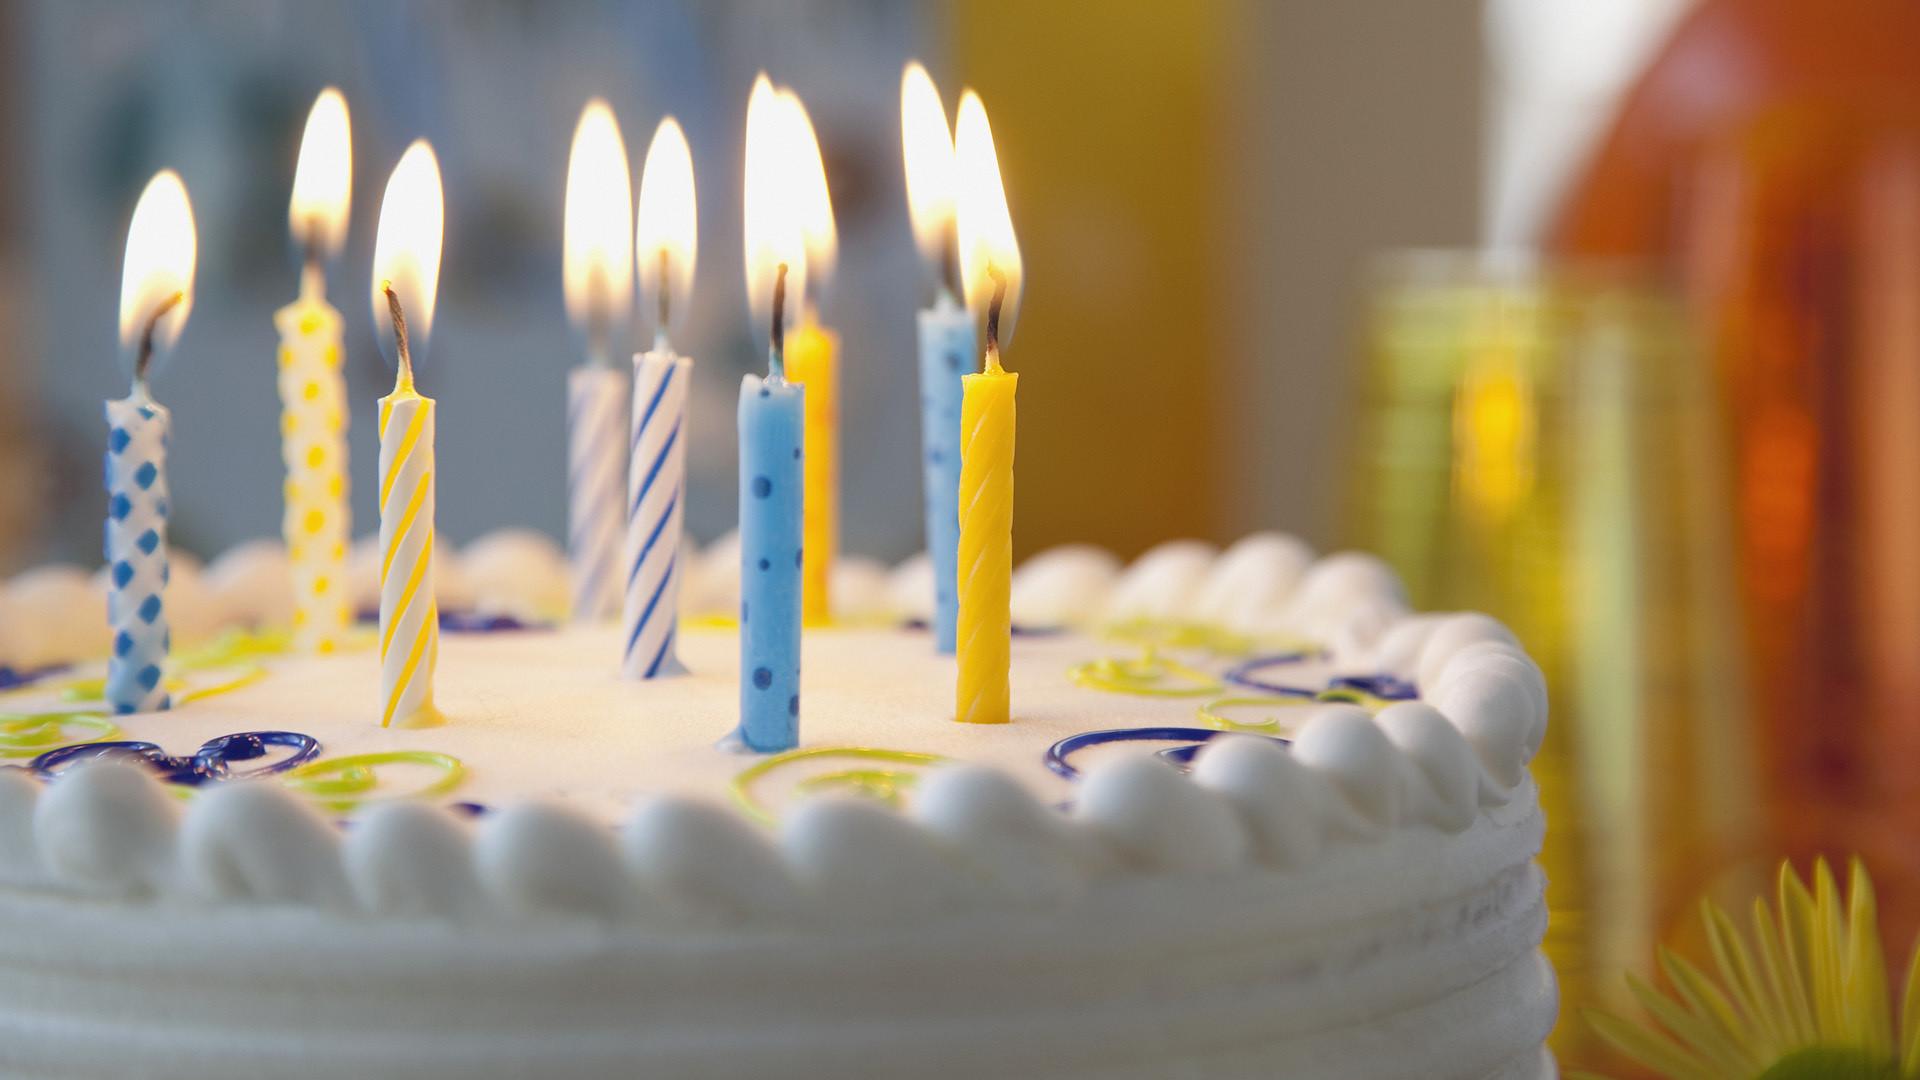 Birthday Cake Wallpaper For Desktop 63 Images